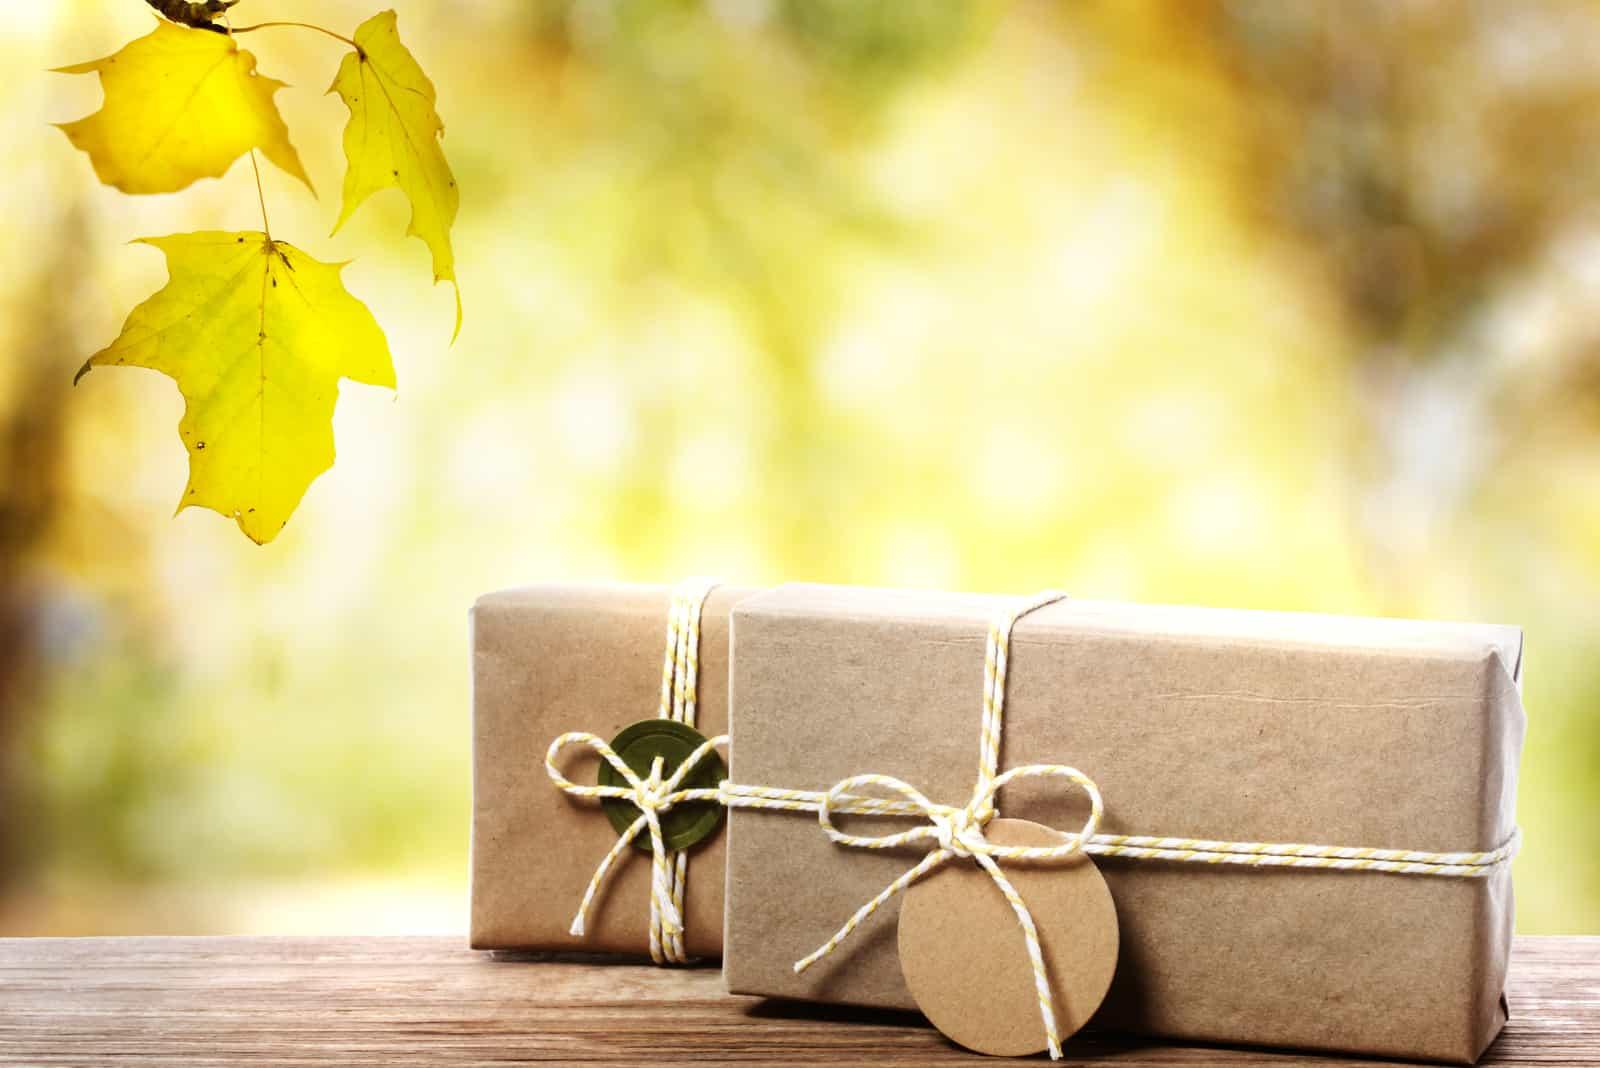 Handgefertigte Geschenkboxen auf alten Holzbrettern